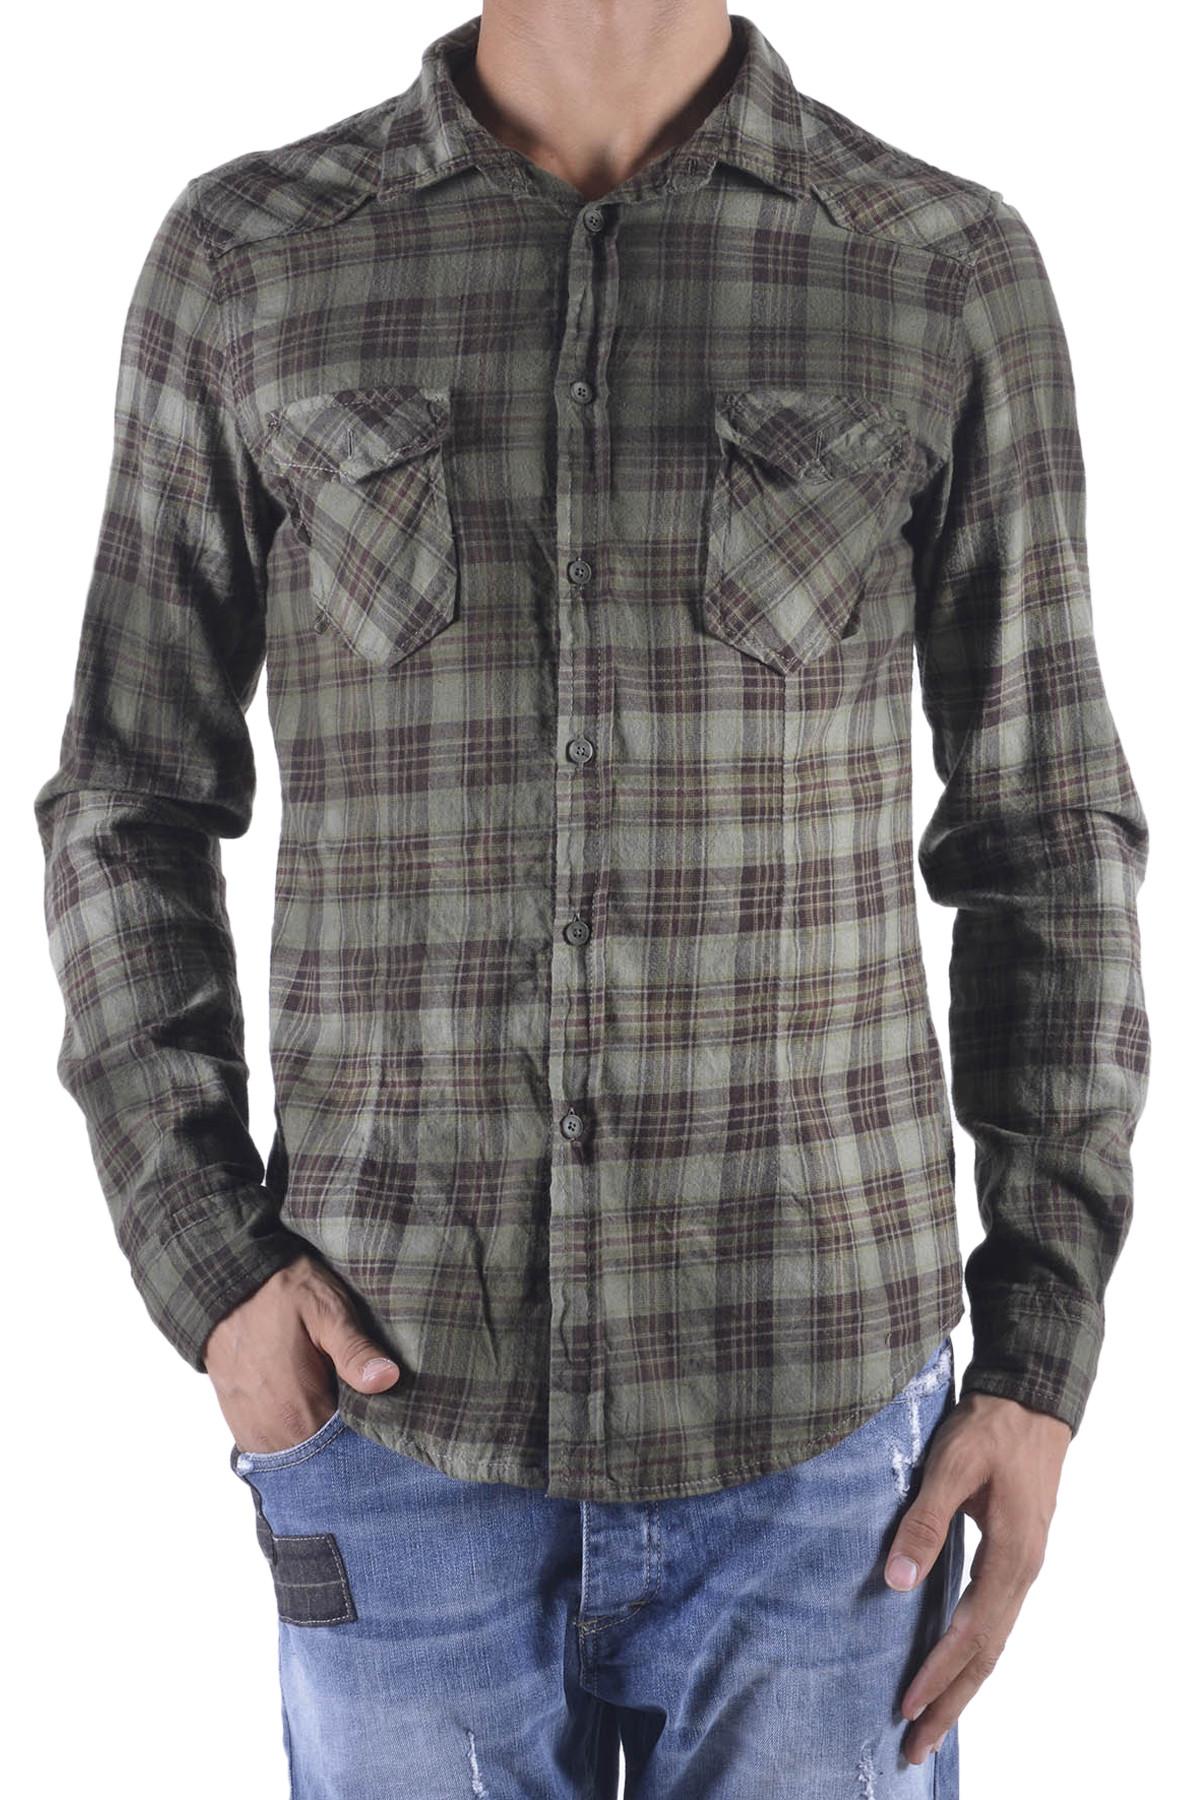 525Marchio: 525; Genere: Uomo; Tipologia: Camicie;